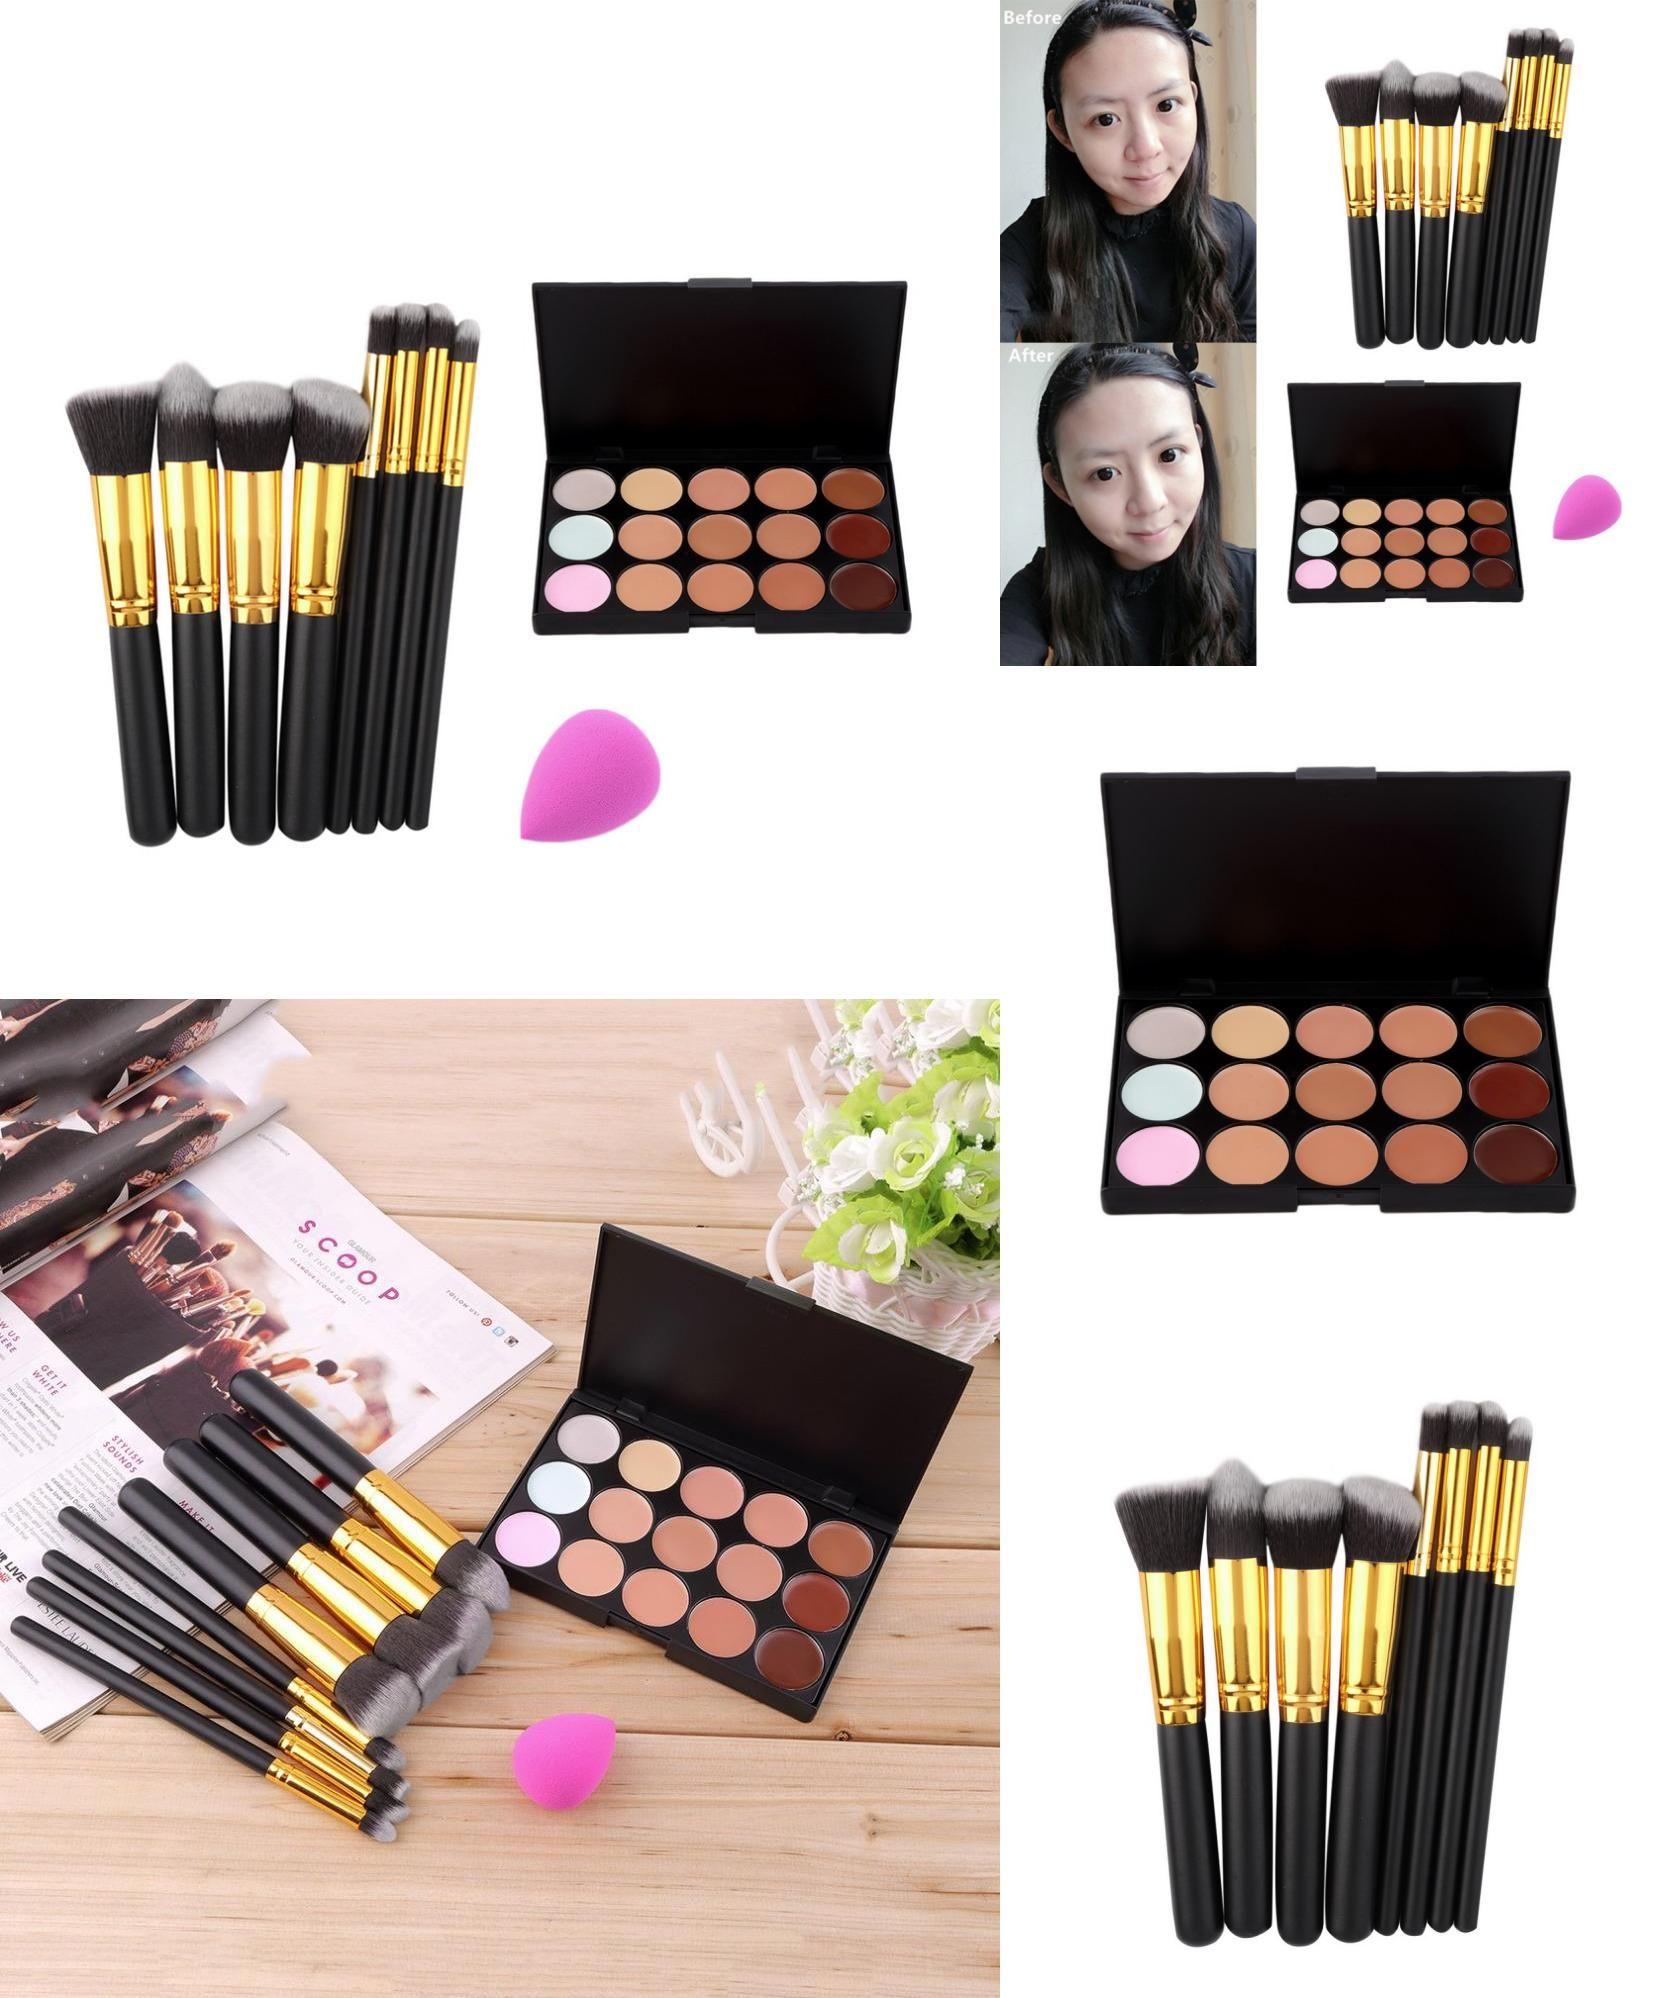 [Visit to Buy] 8PCS Makeup Brushes Cosmetics Eyeshadow